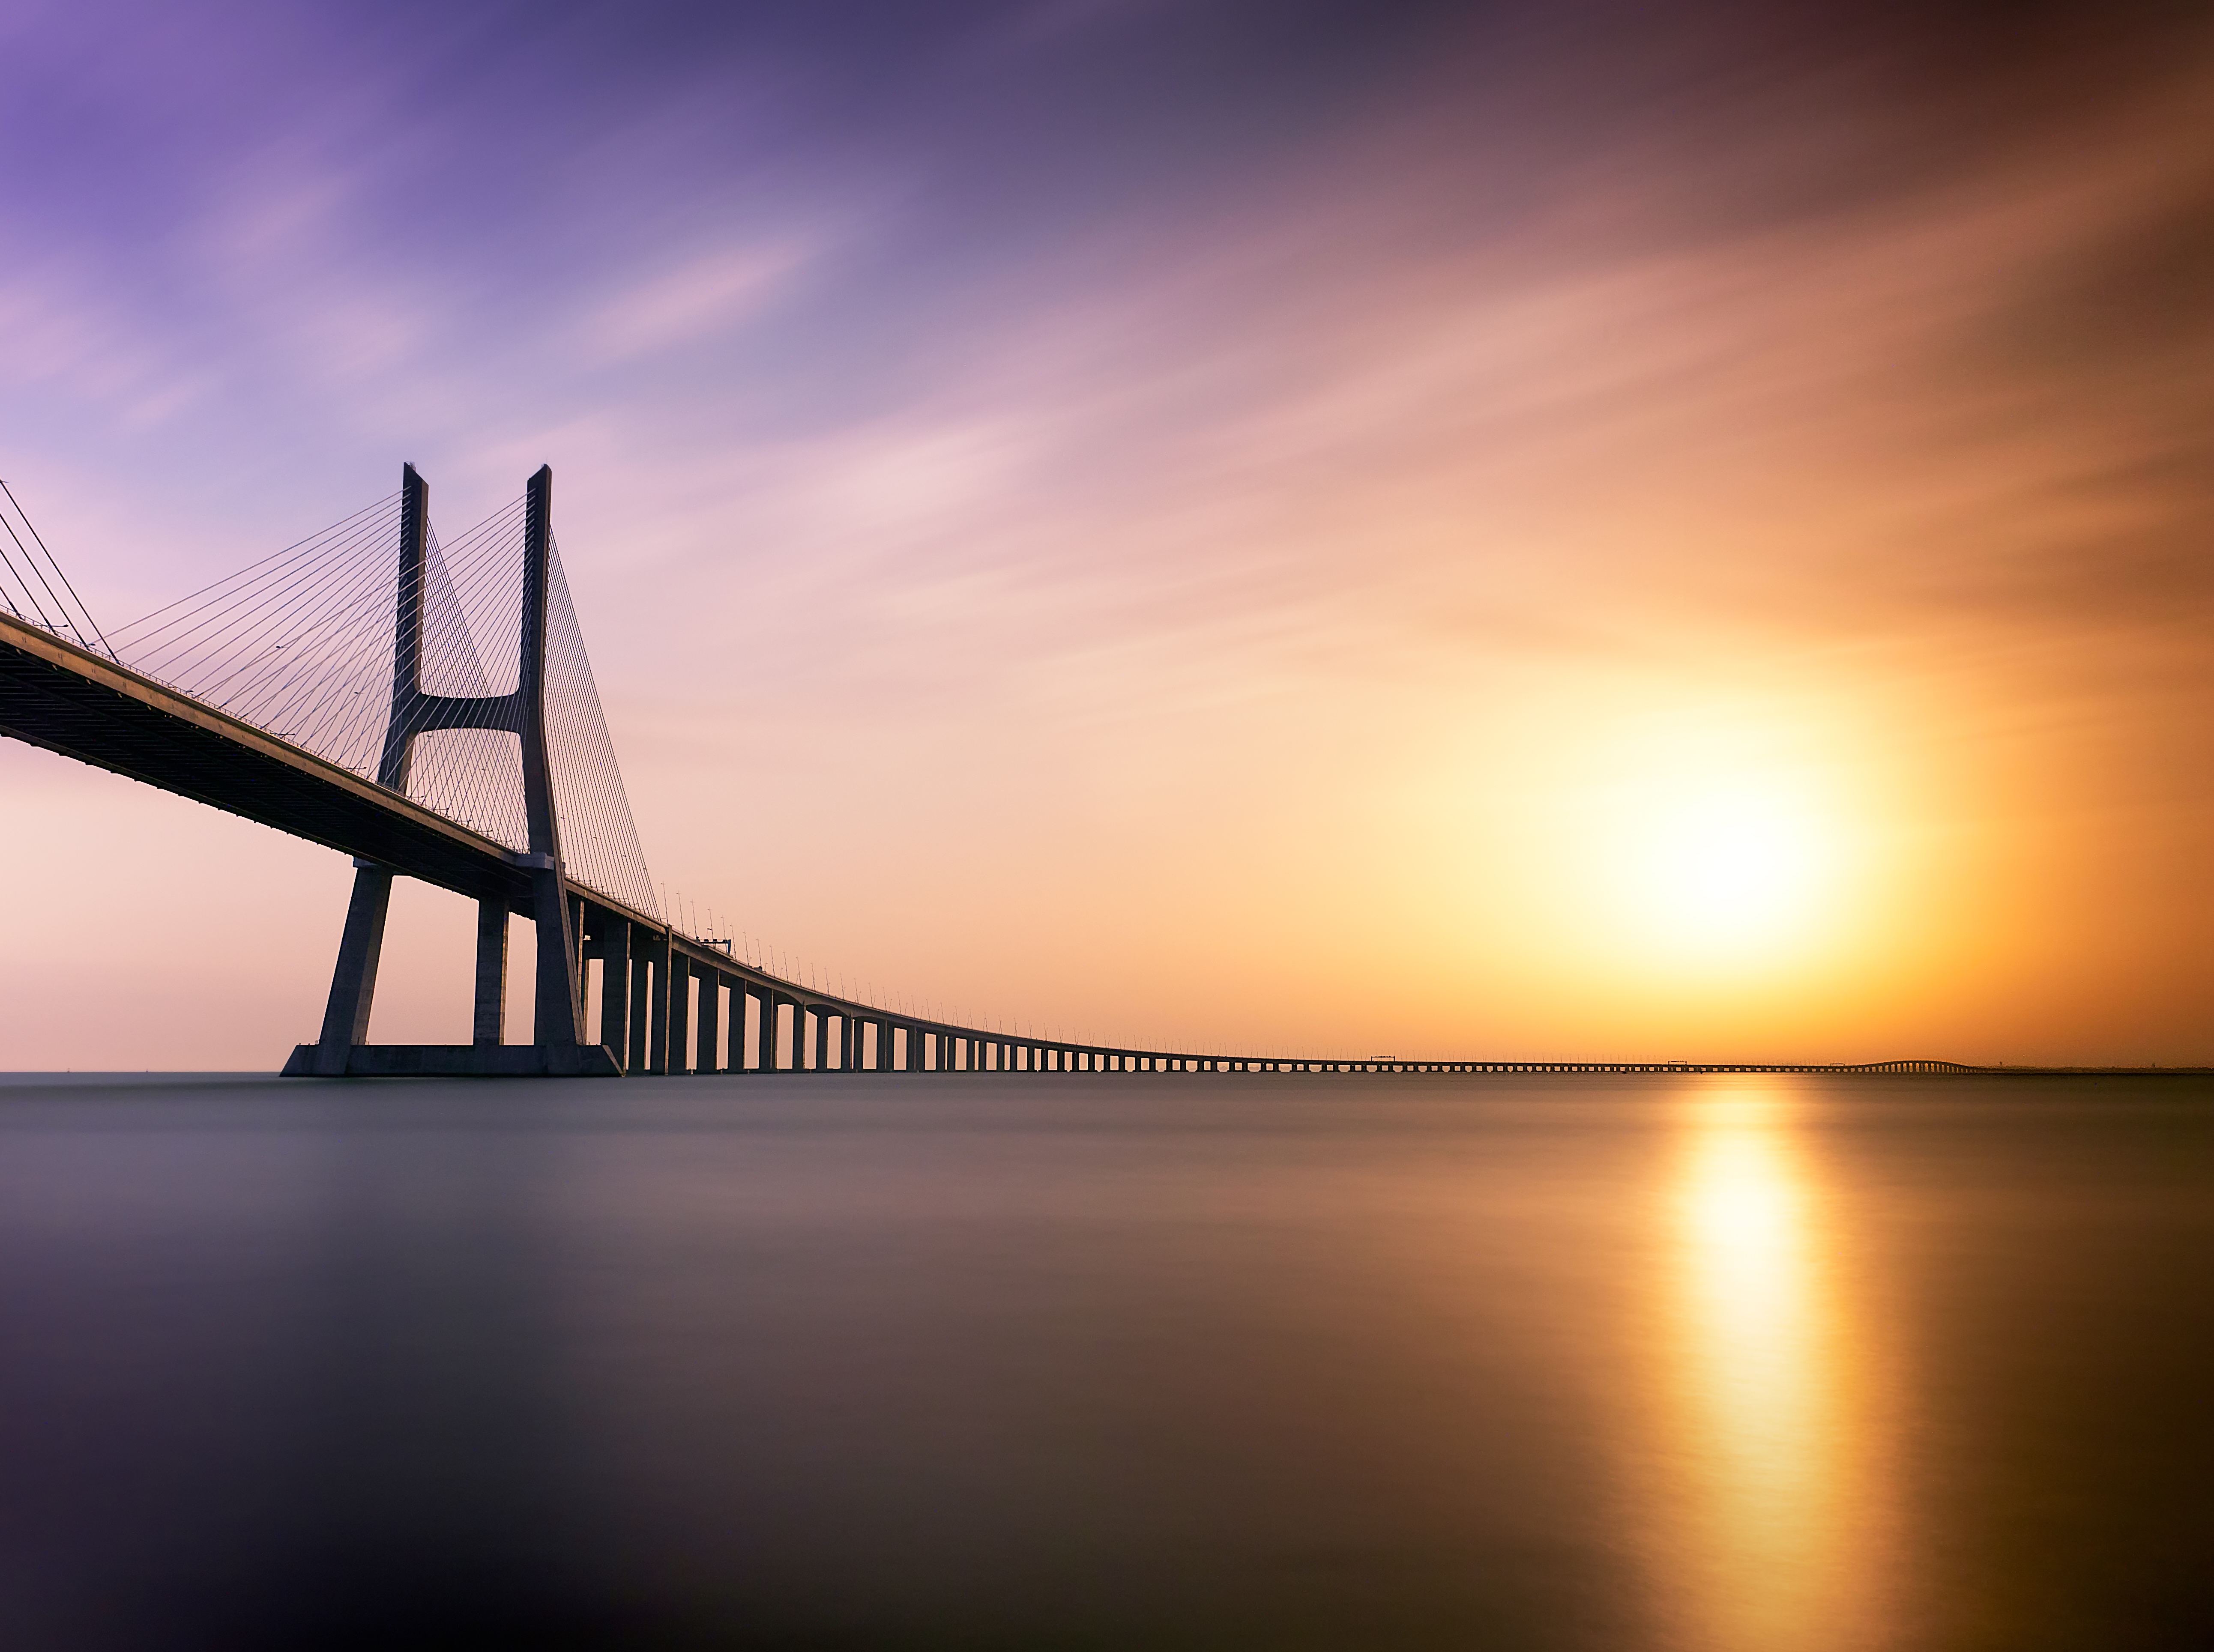 58165 Hintergrundbild herunterladen Architektur, Flüsse, Minimalismus, Brücke, Lissabon, Portugal - Bildschirmschoner und Bilder kostenlos